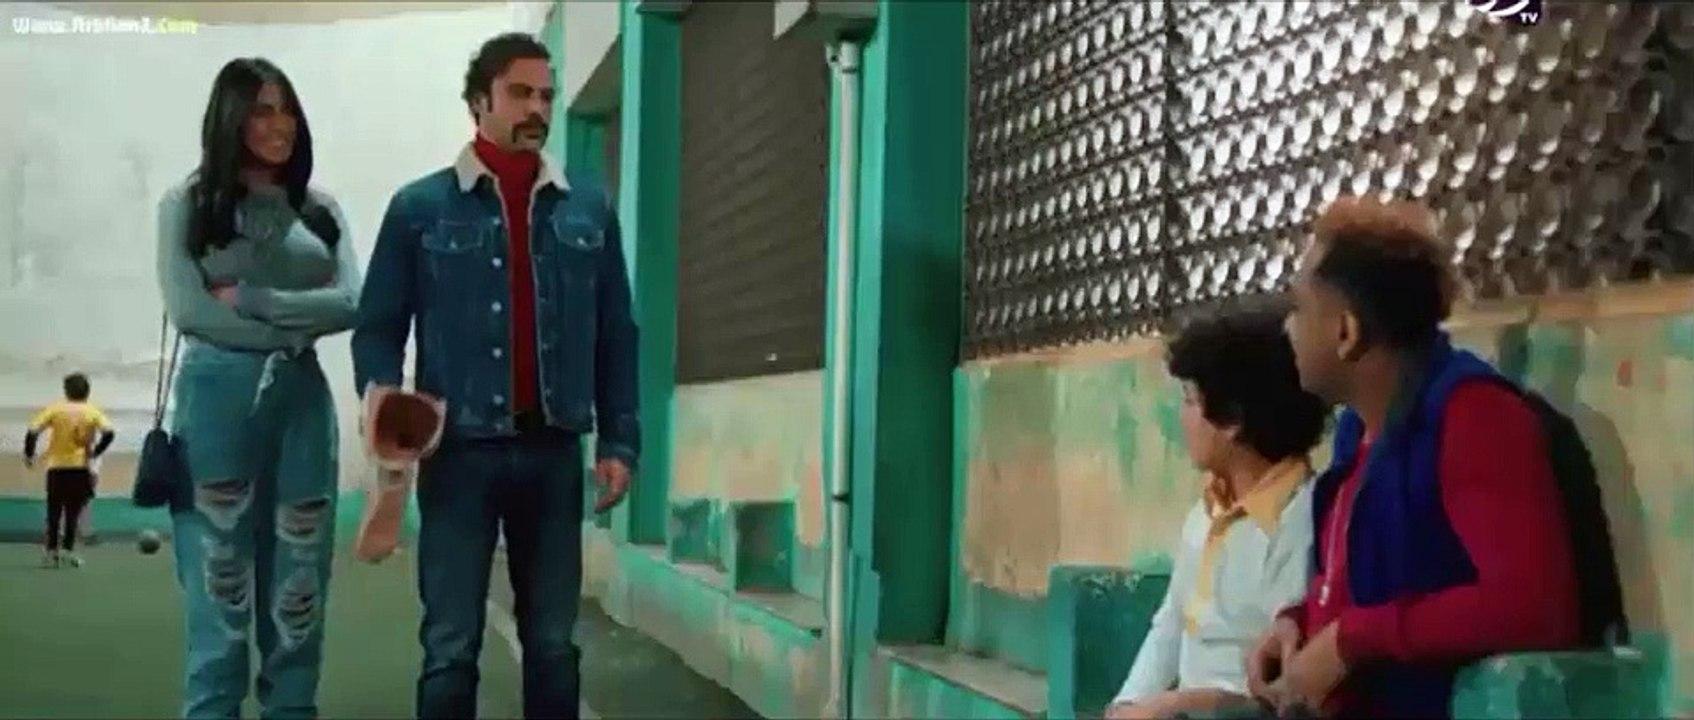 اغنية مسلسل هوجان الحلقة الاخيرة رضا البحراوي انسان مخيف